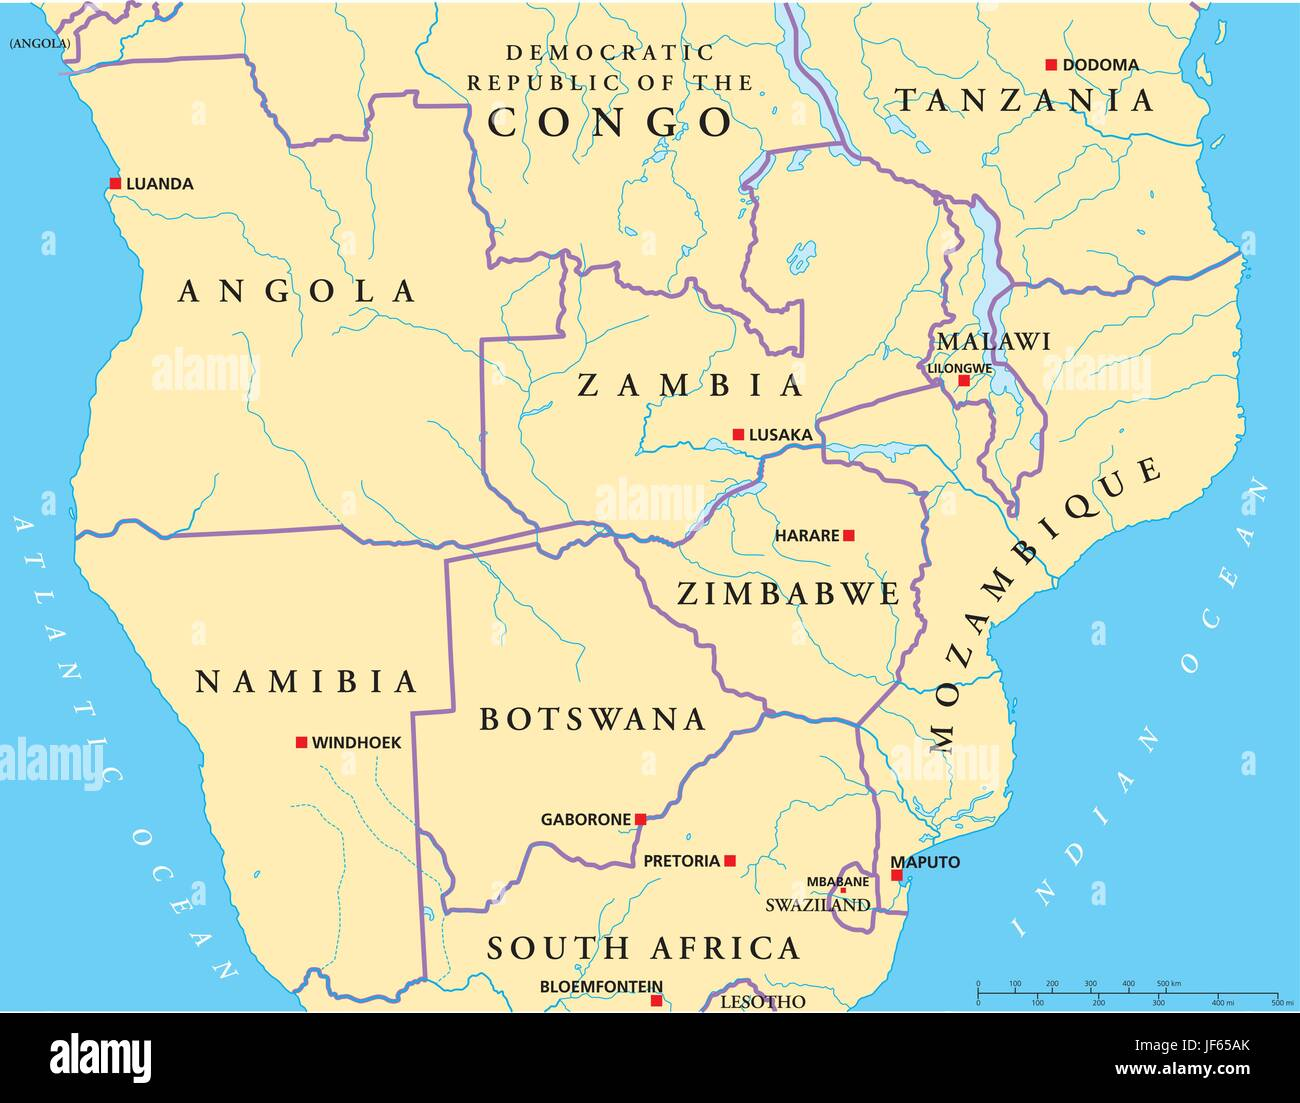 Africa Centrale Cartina Politica.Africa Sud Centrale Mappa Atlas Mappa Del Mondo Politico Africa Immagine E Vettoriale Alamy